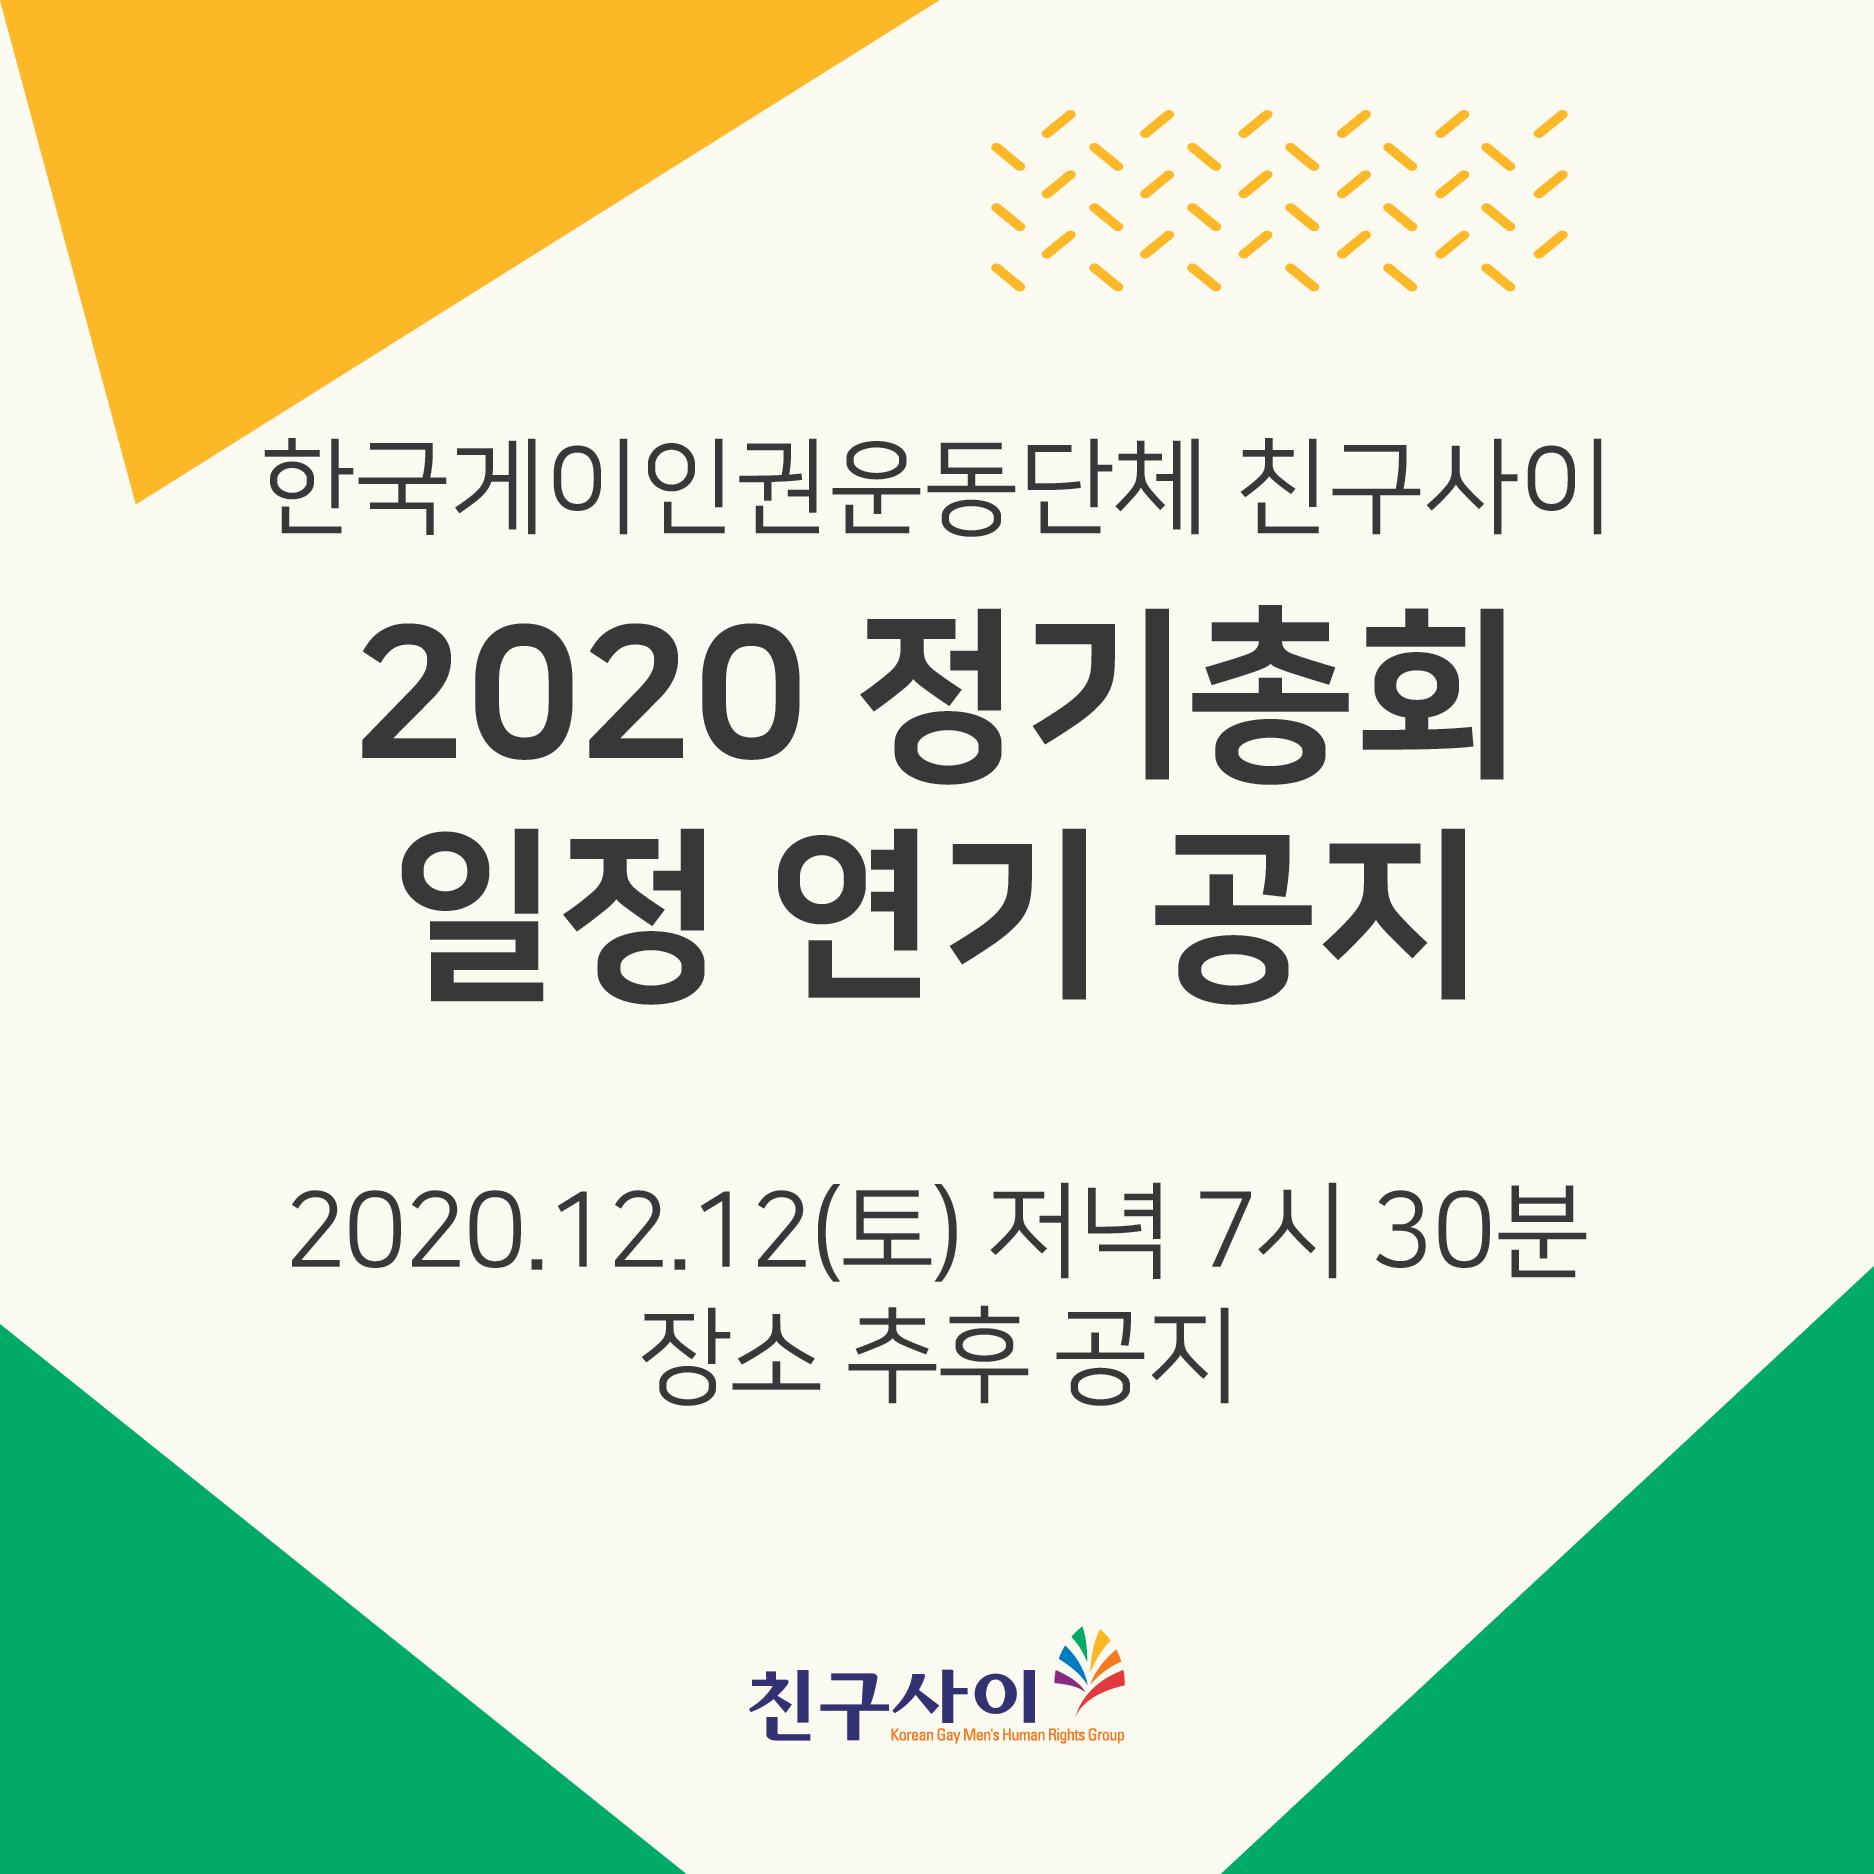 2020_정기총회_연기공지.png